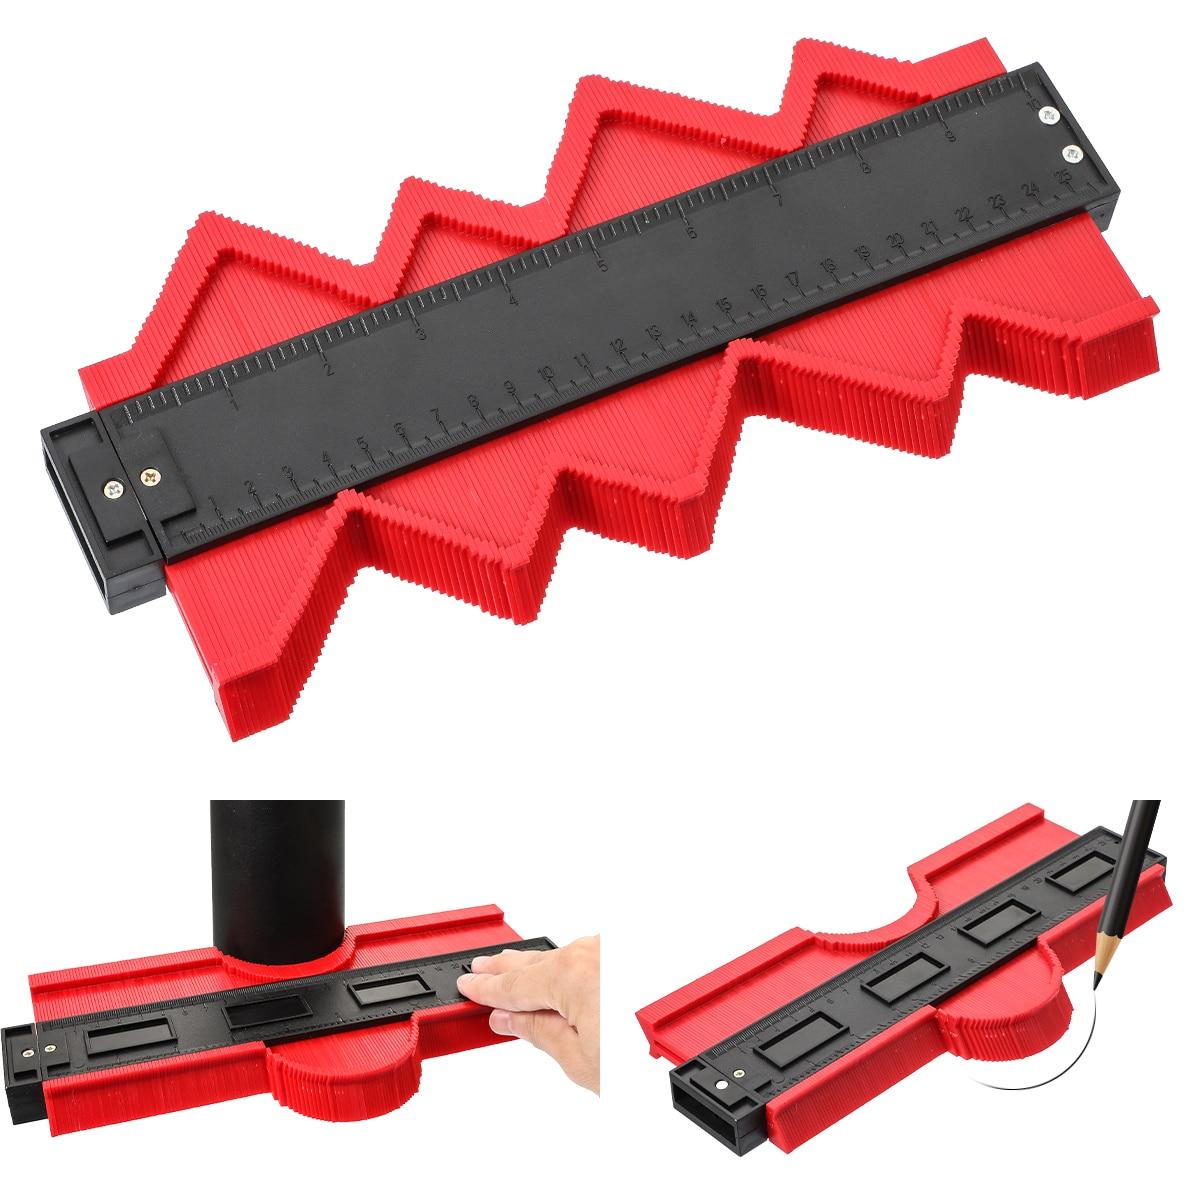 Règle de profil en plastique de duplicateur de jauge de Contour de jauge de profil de 12/14/25/50cm pour copier loutil de marquage en bois de forme irrégulière Tilimg